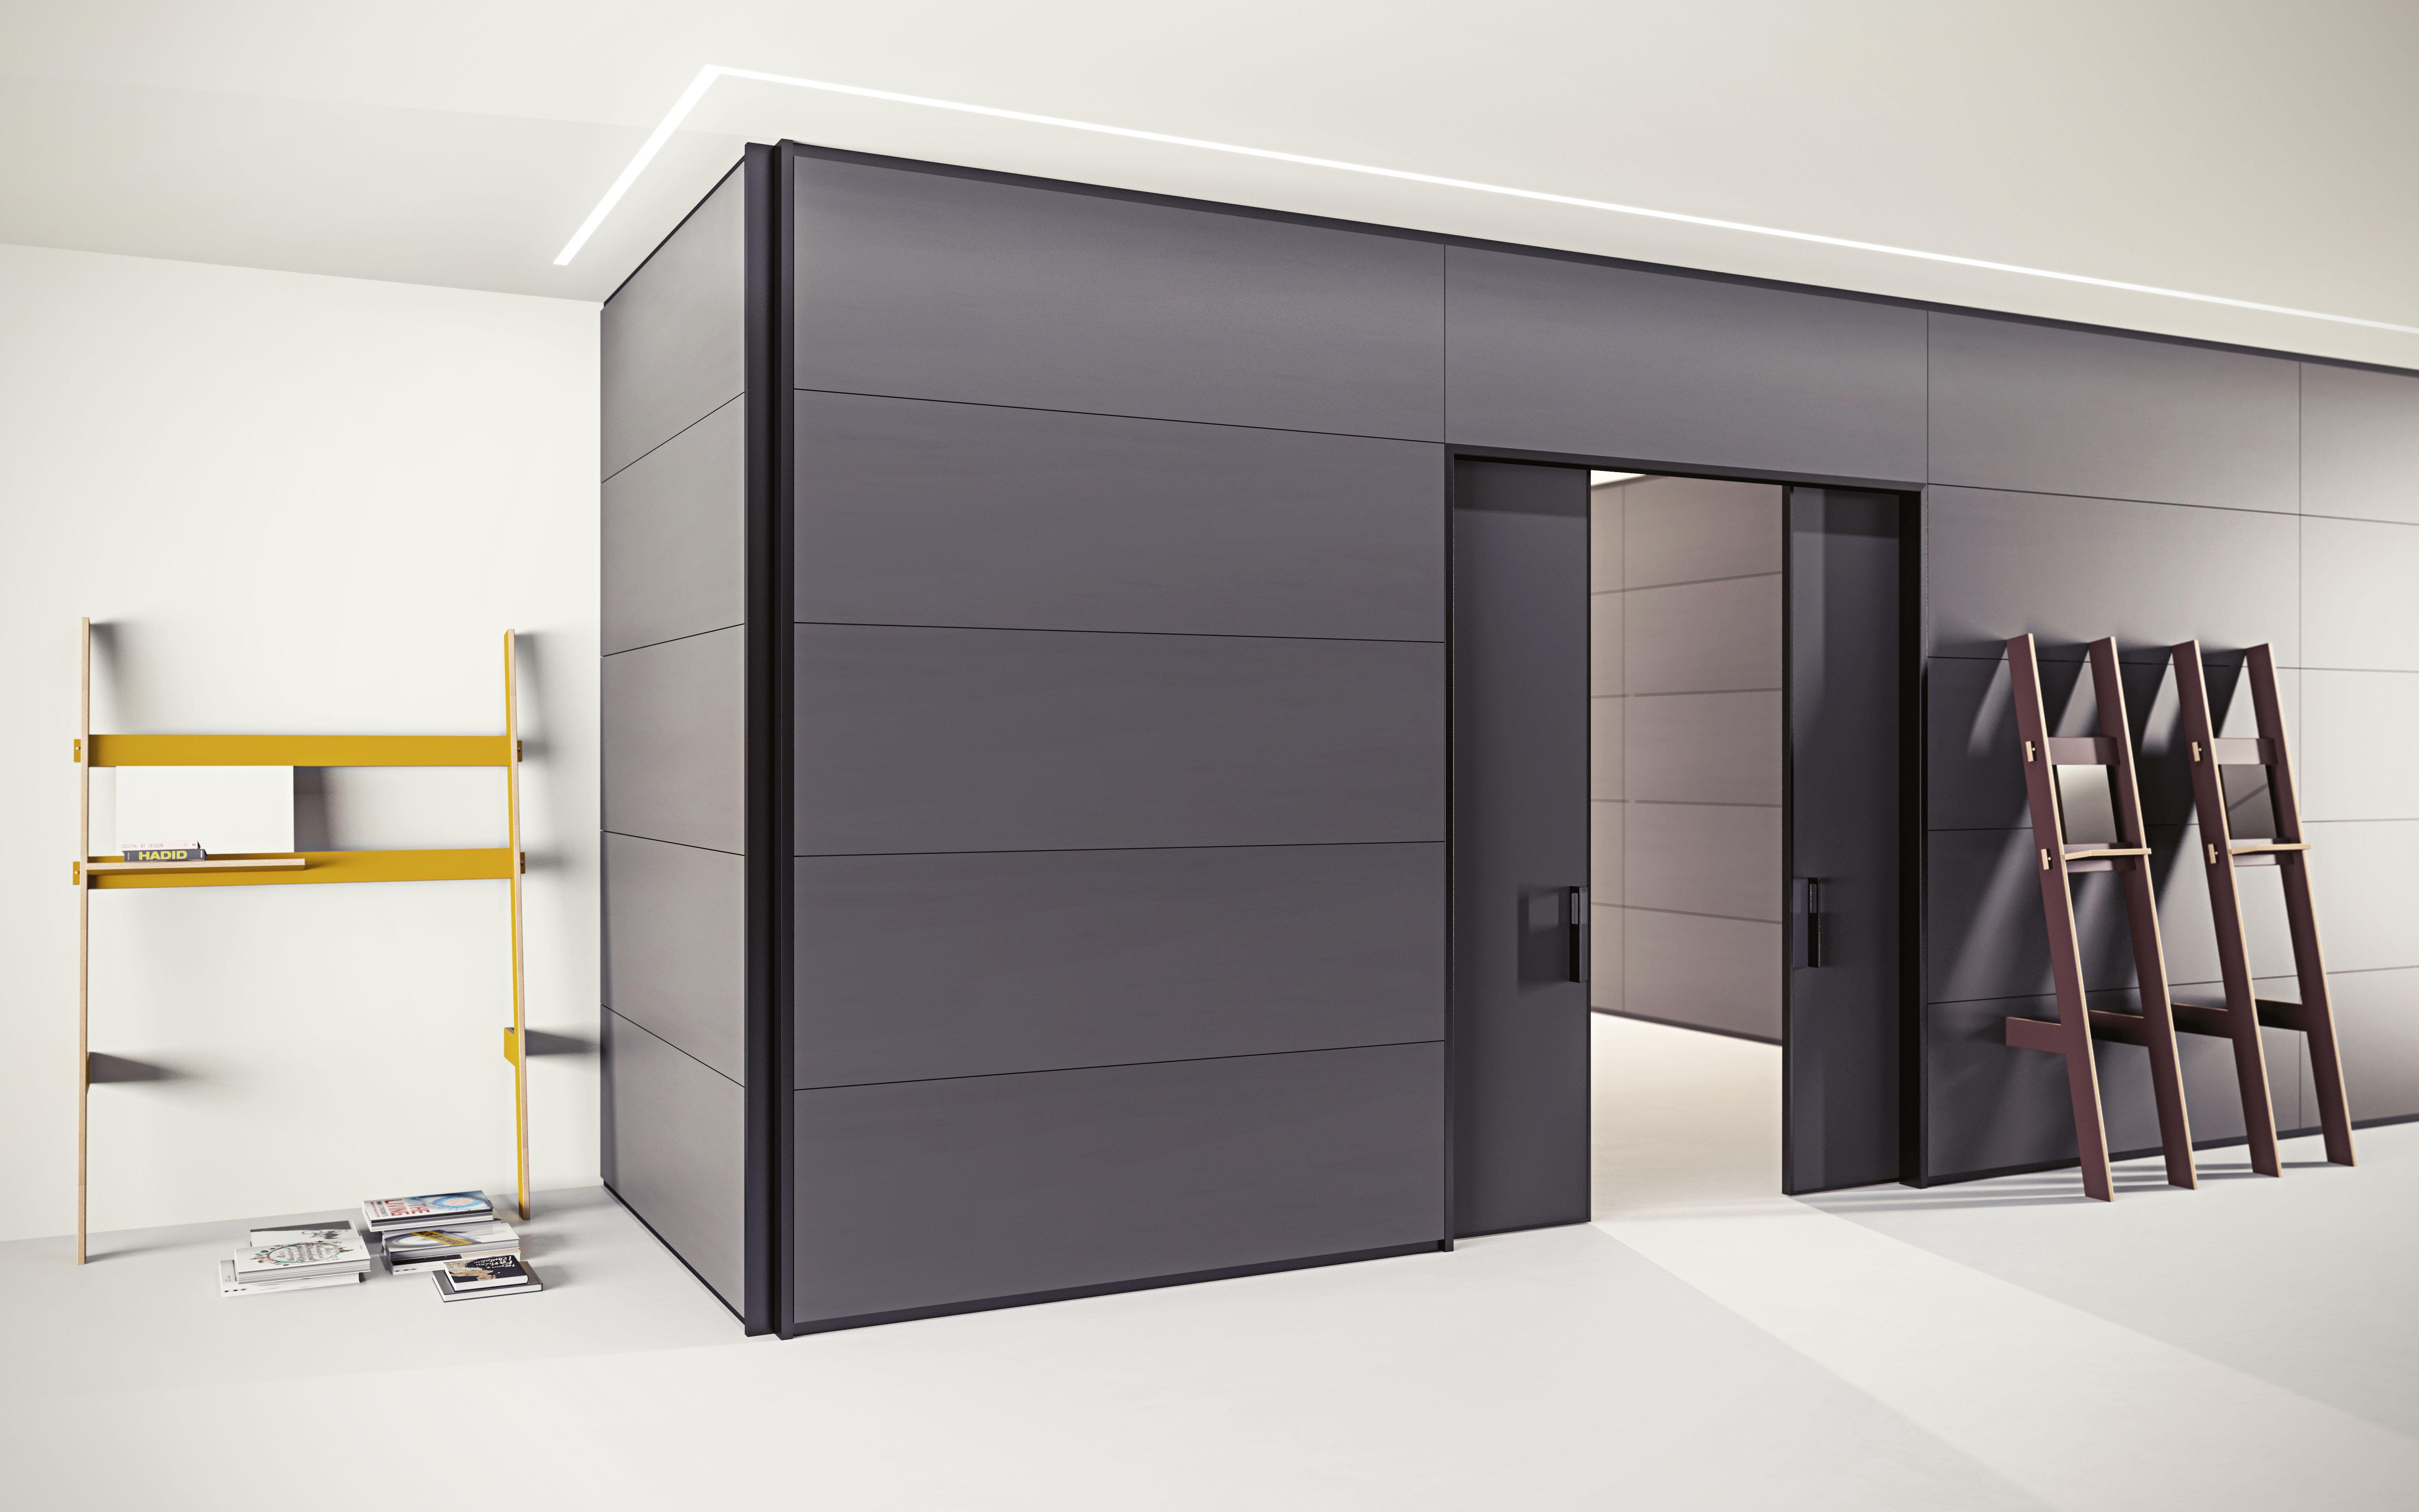 Pareti divisorie in vetro legno arredamento per uffici for Pareti mobili per ufficio